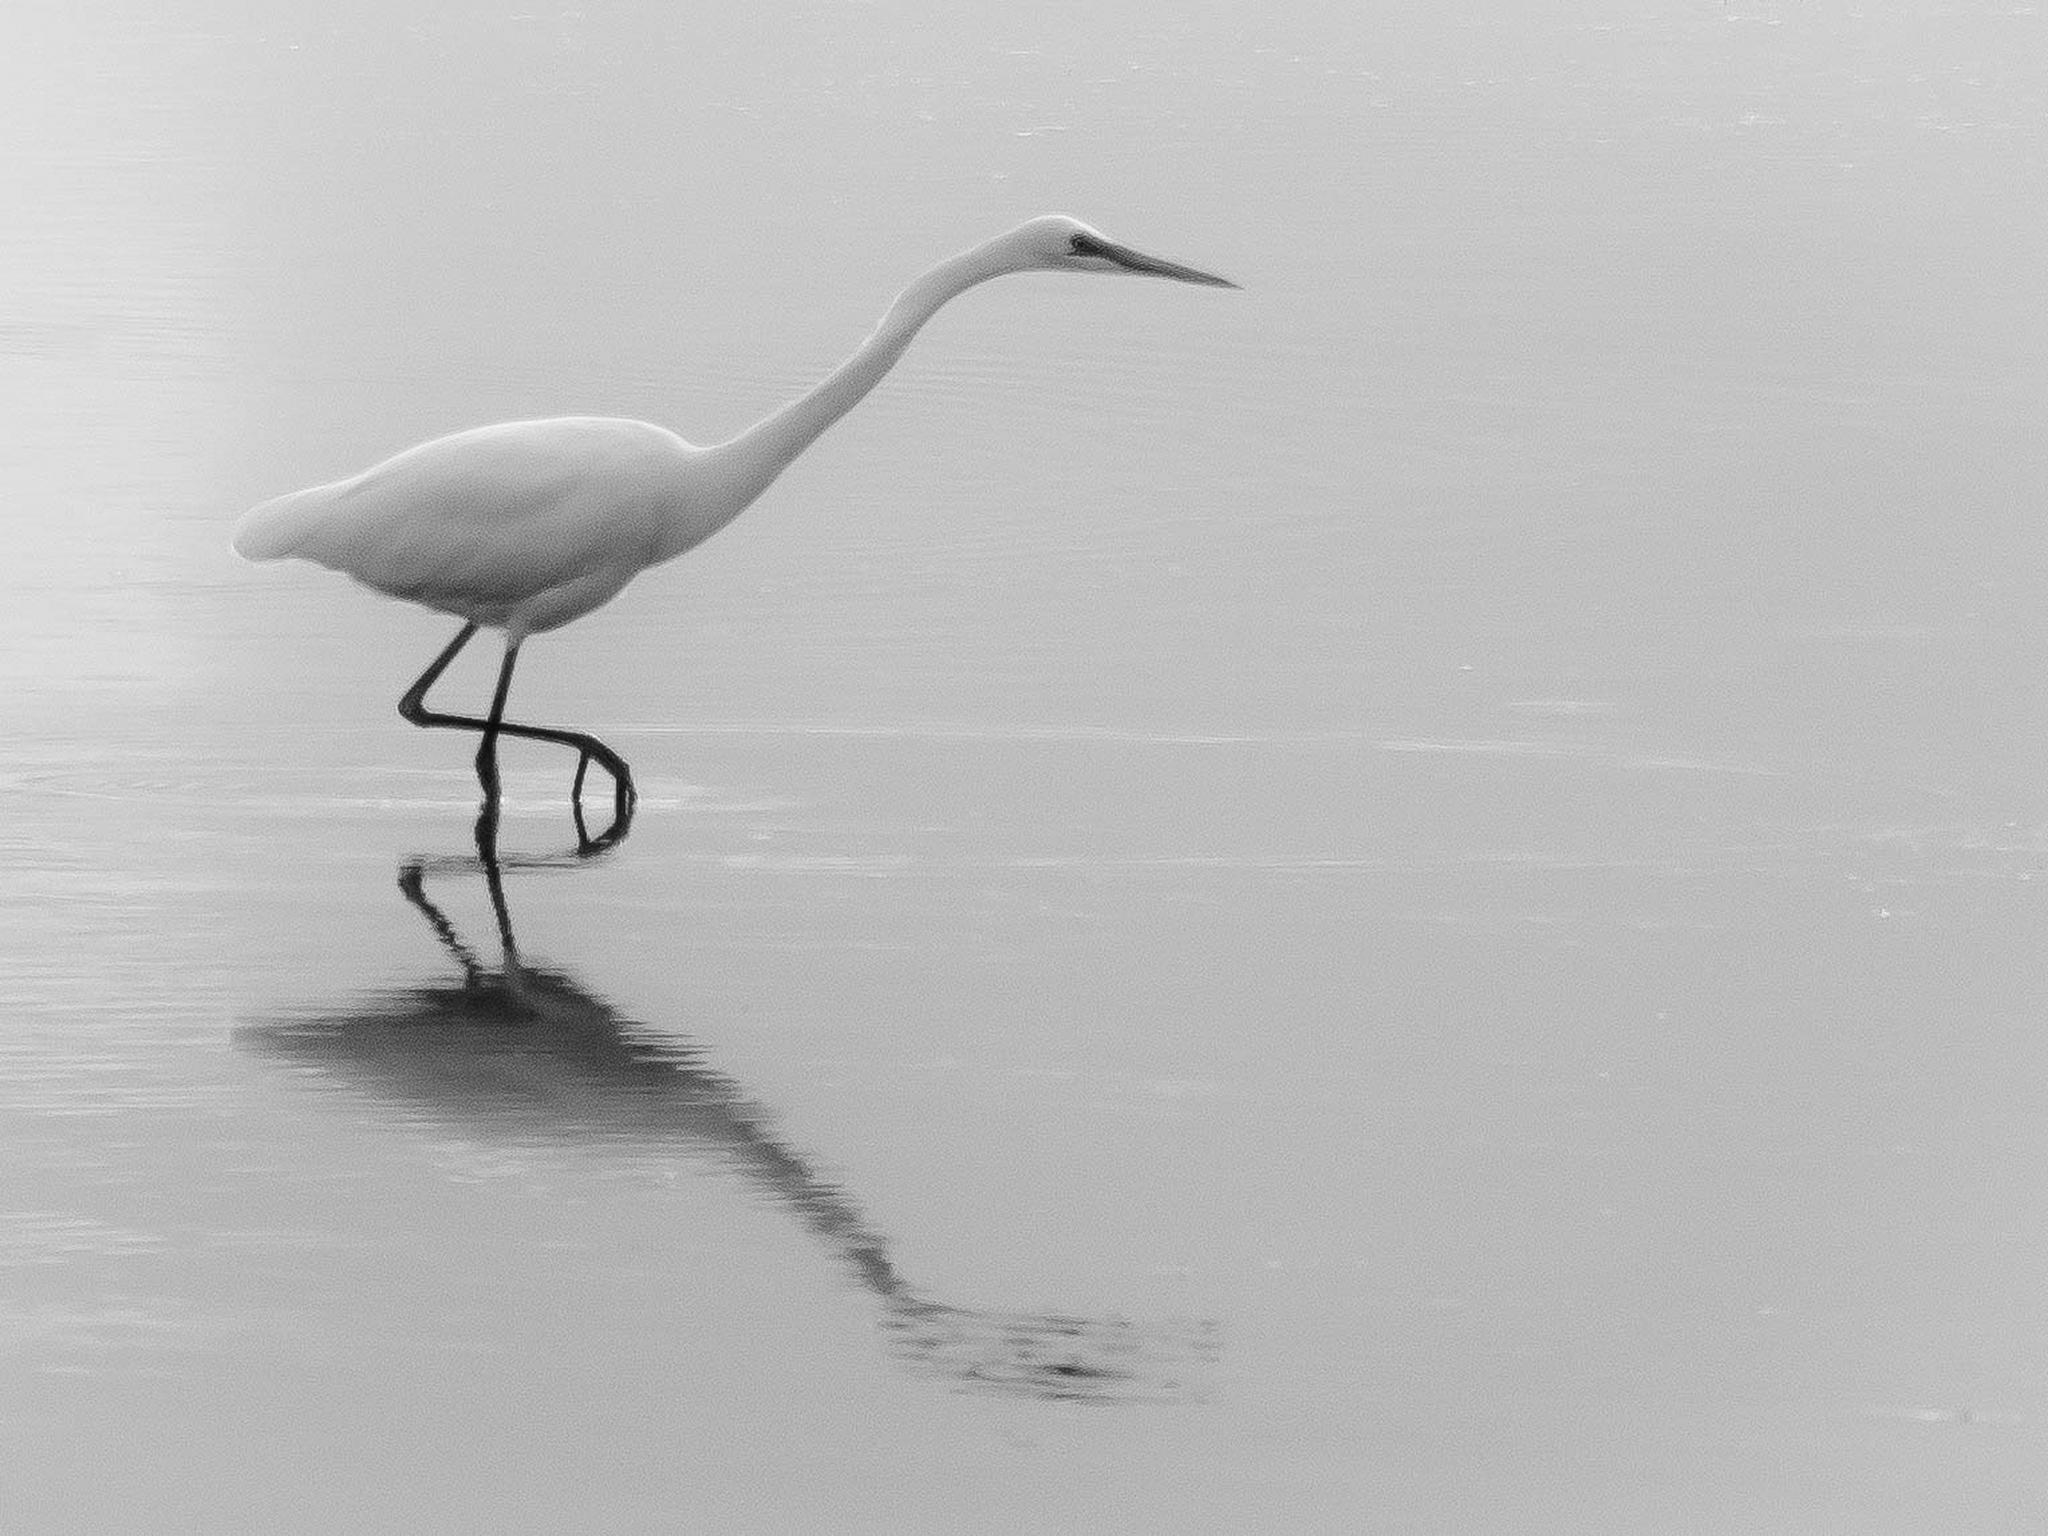 Intermediate Egret by Kim McGlinchey